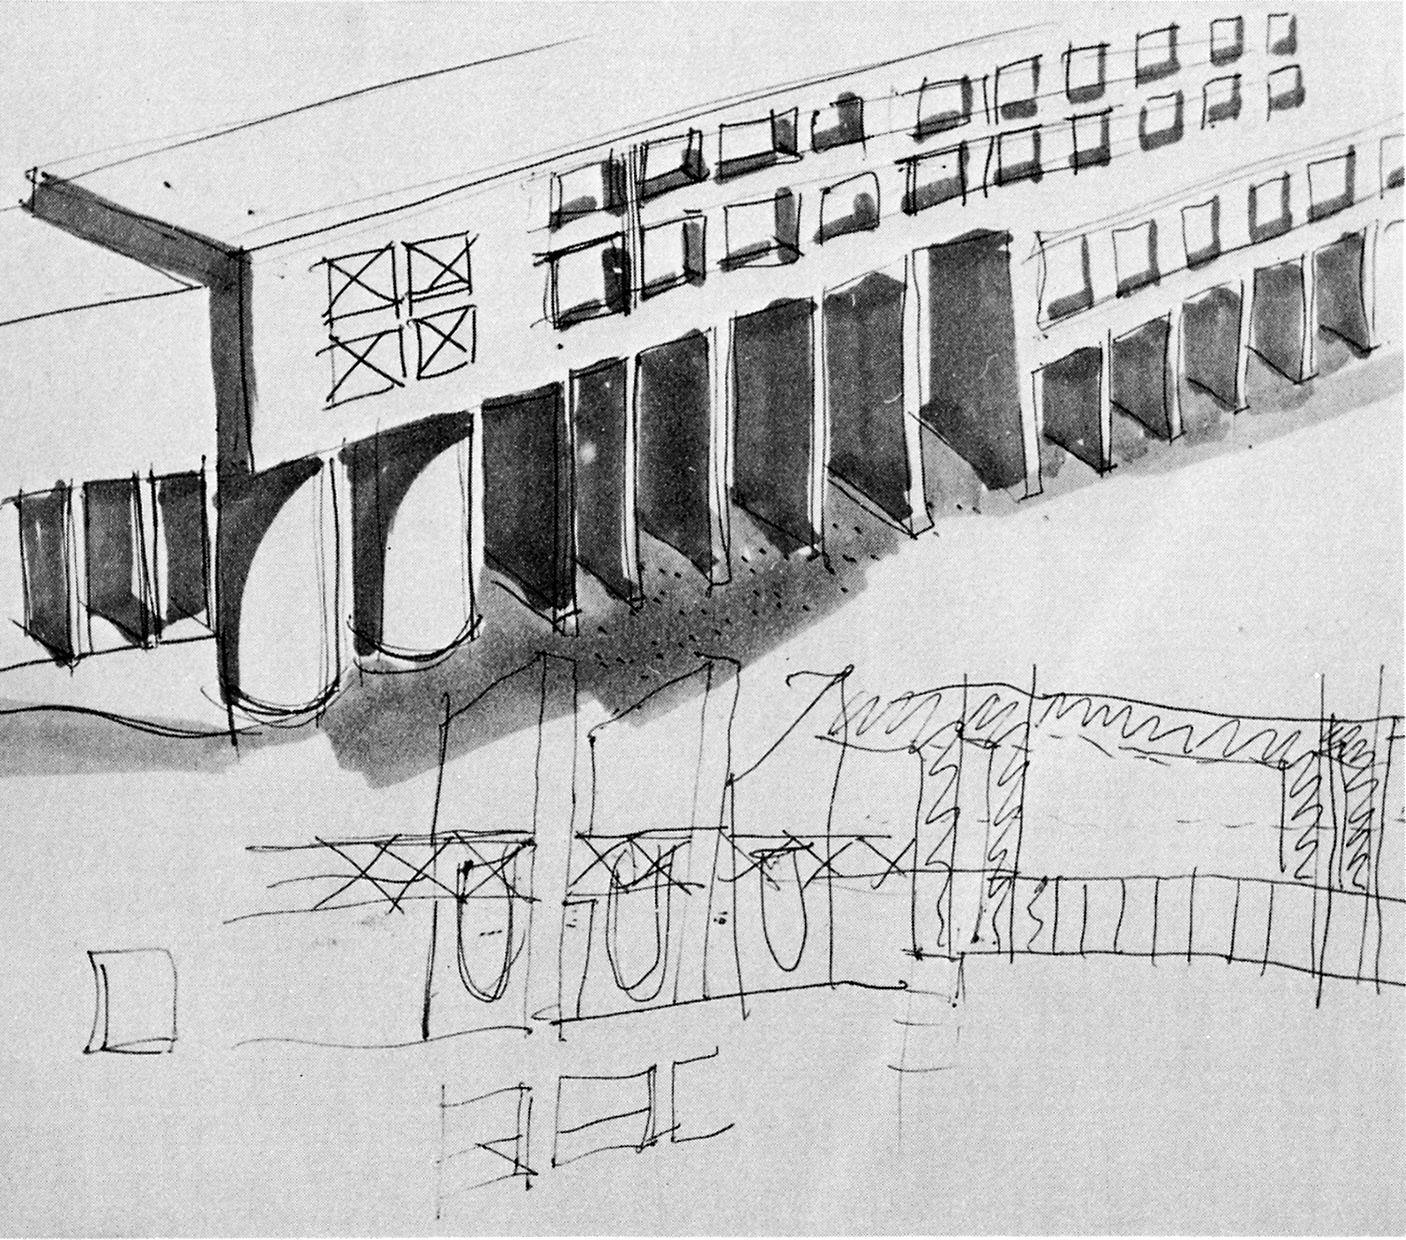 aldo rossi architecture of the city pdf